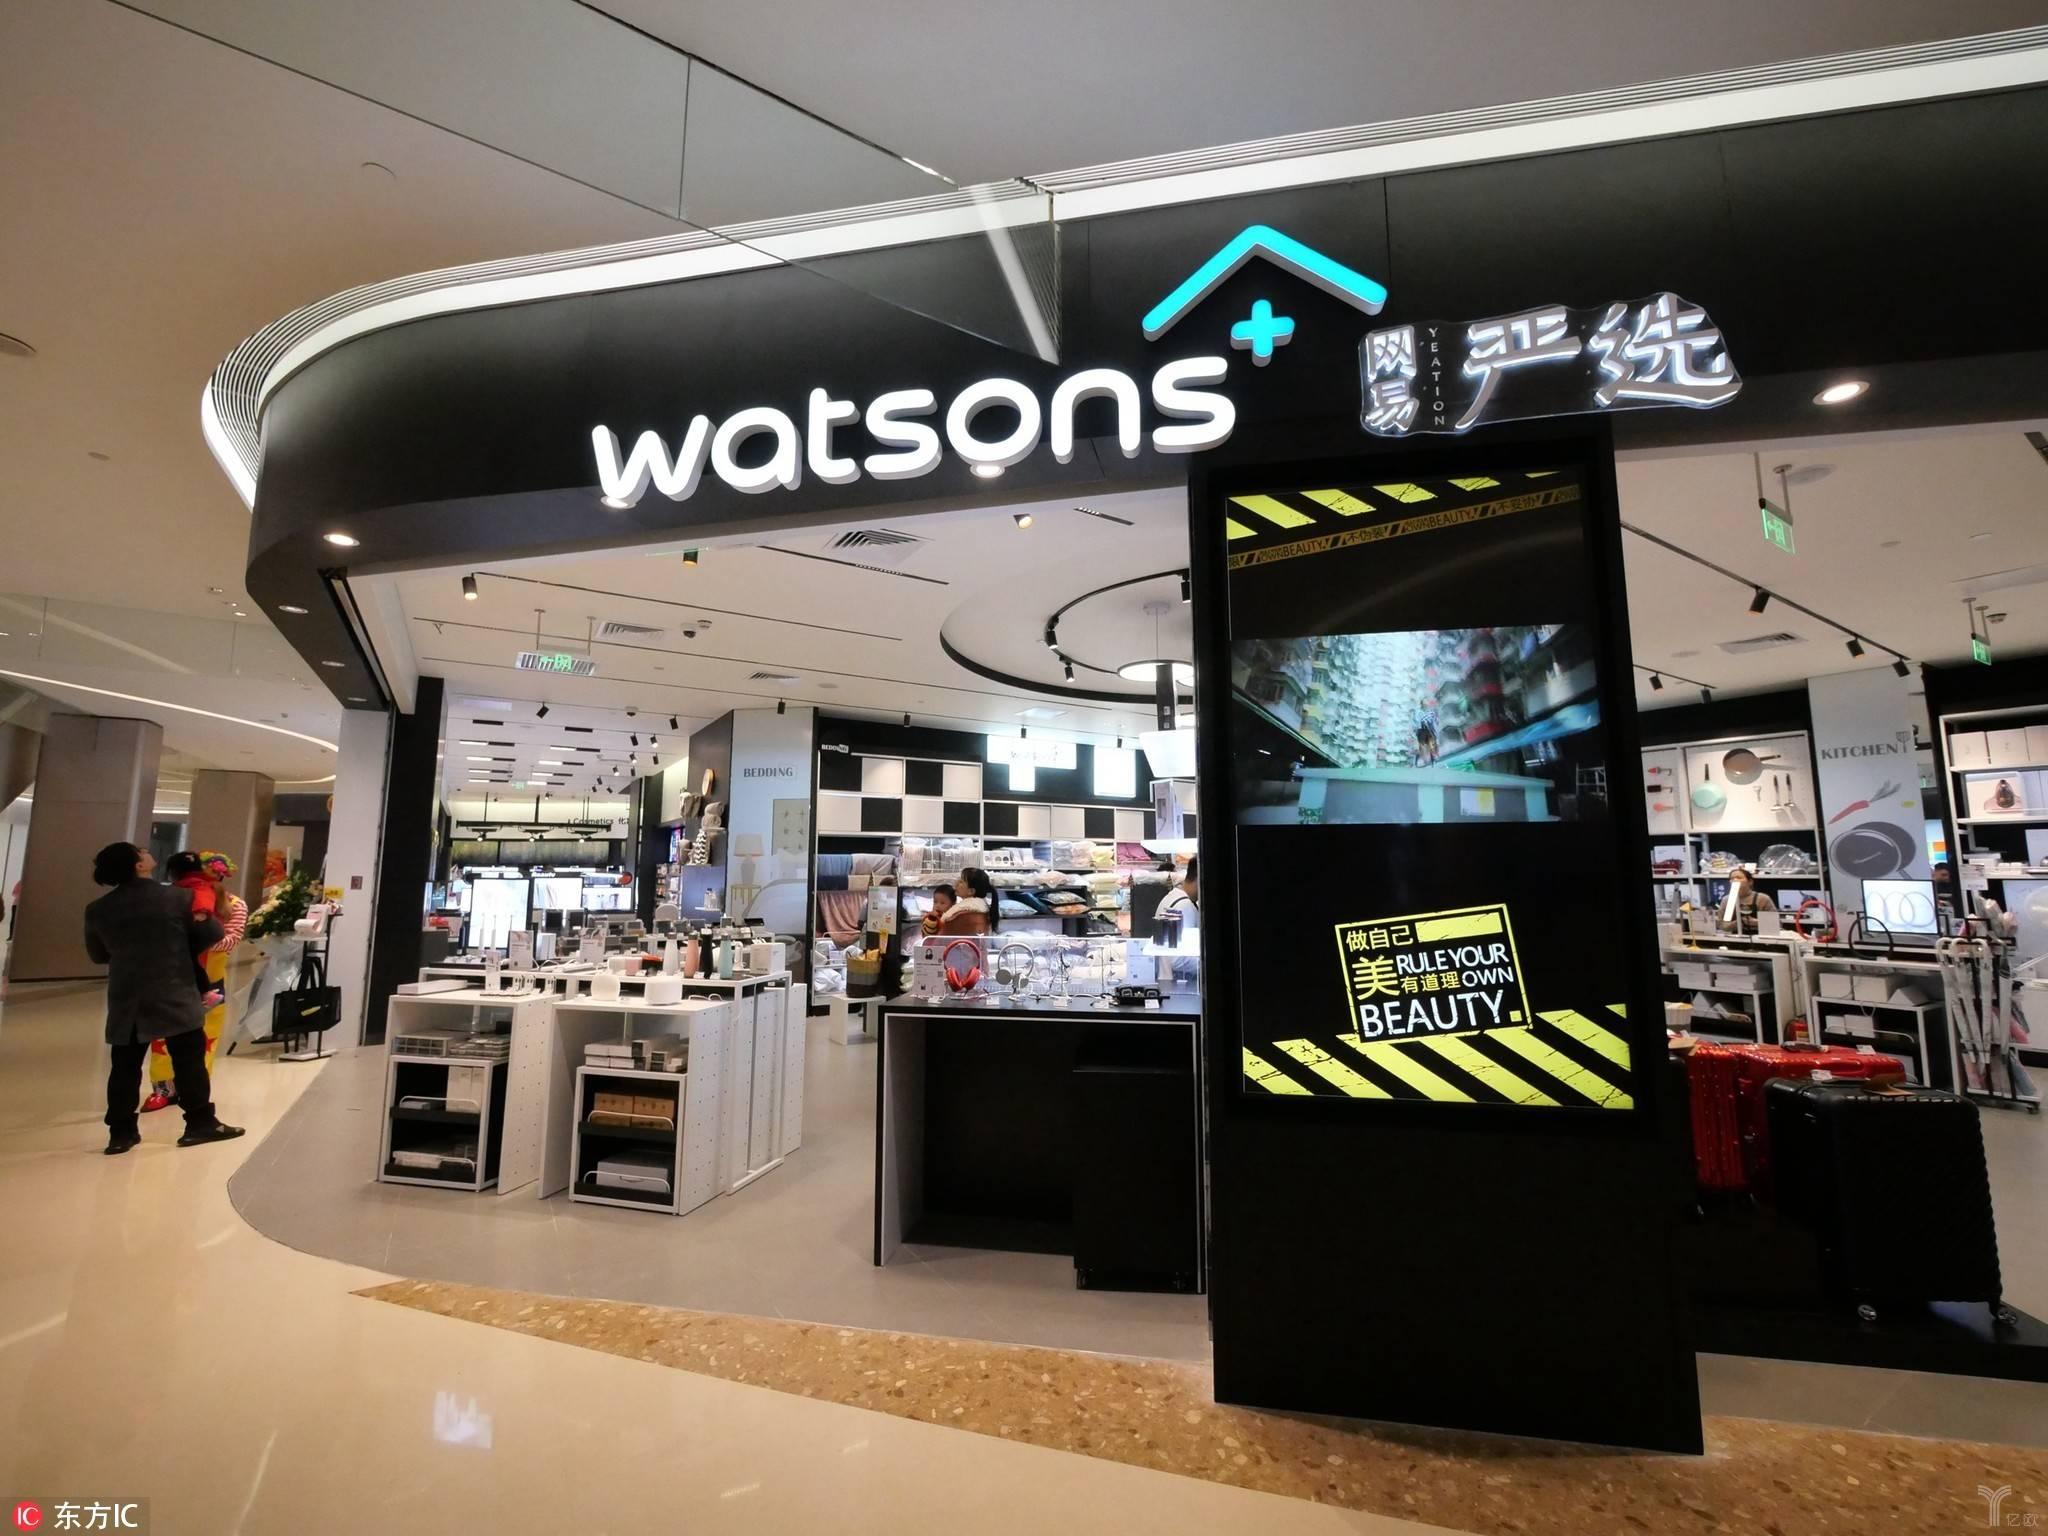 watsons+,屈臣氏,网易严选,亿欧智库